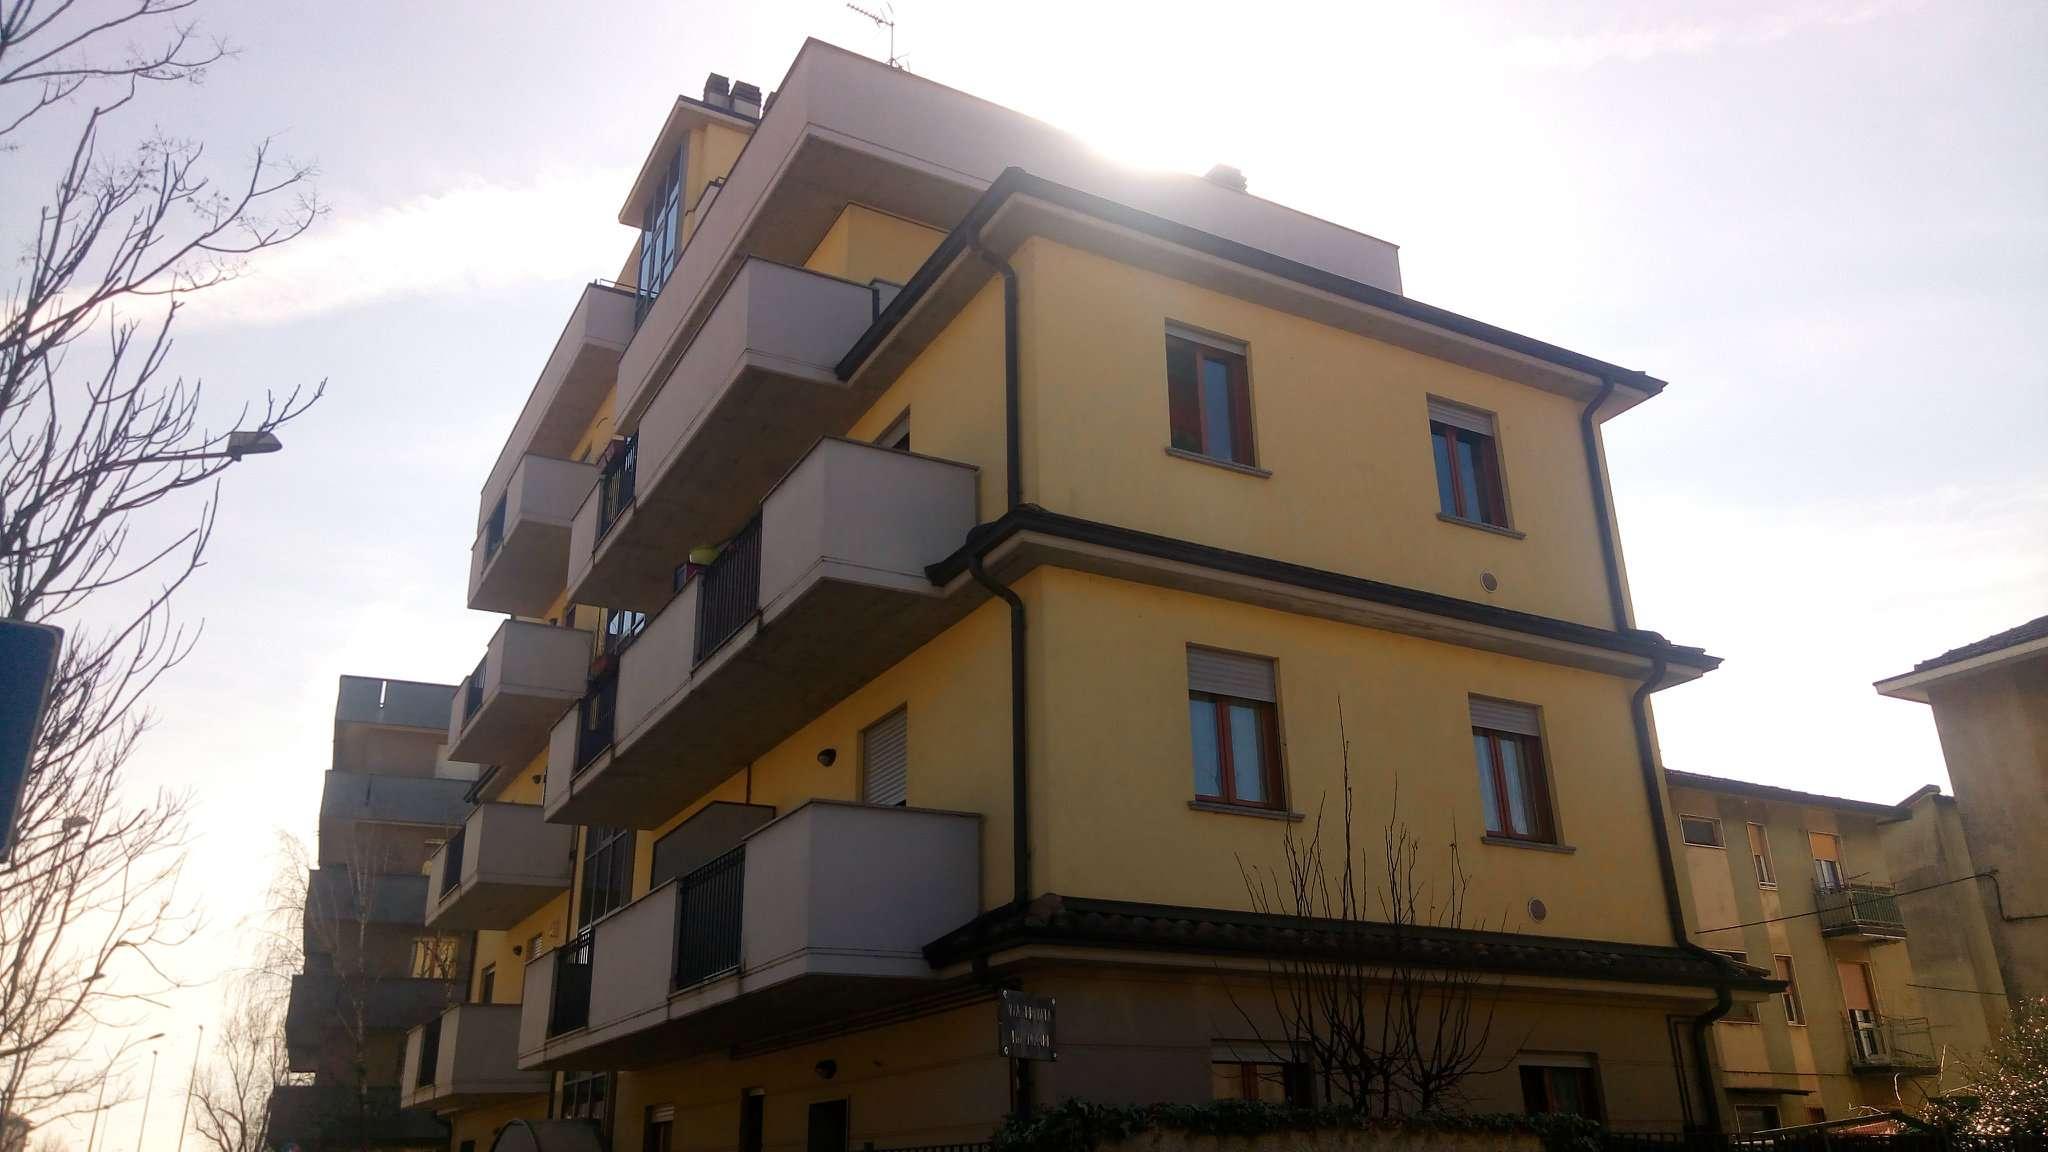 Appartamento in affitto a San Giuliano Milanese, 1 locali, prezzo € 500 | Cambio Casa.it